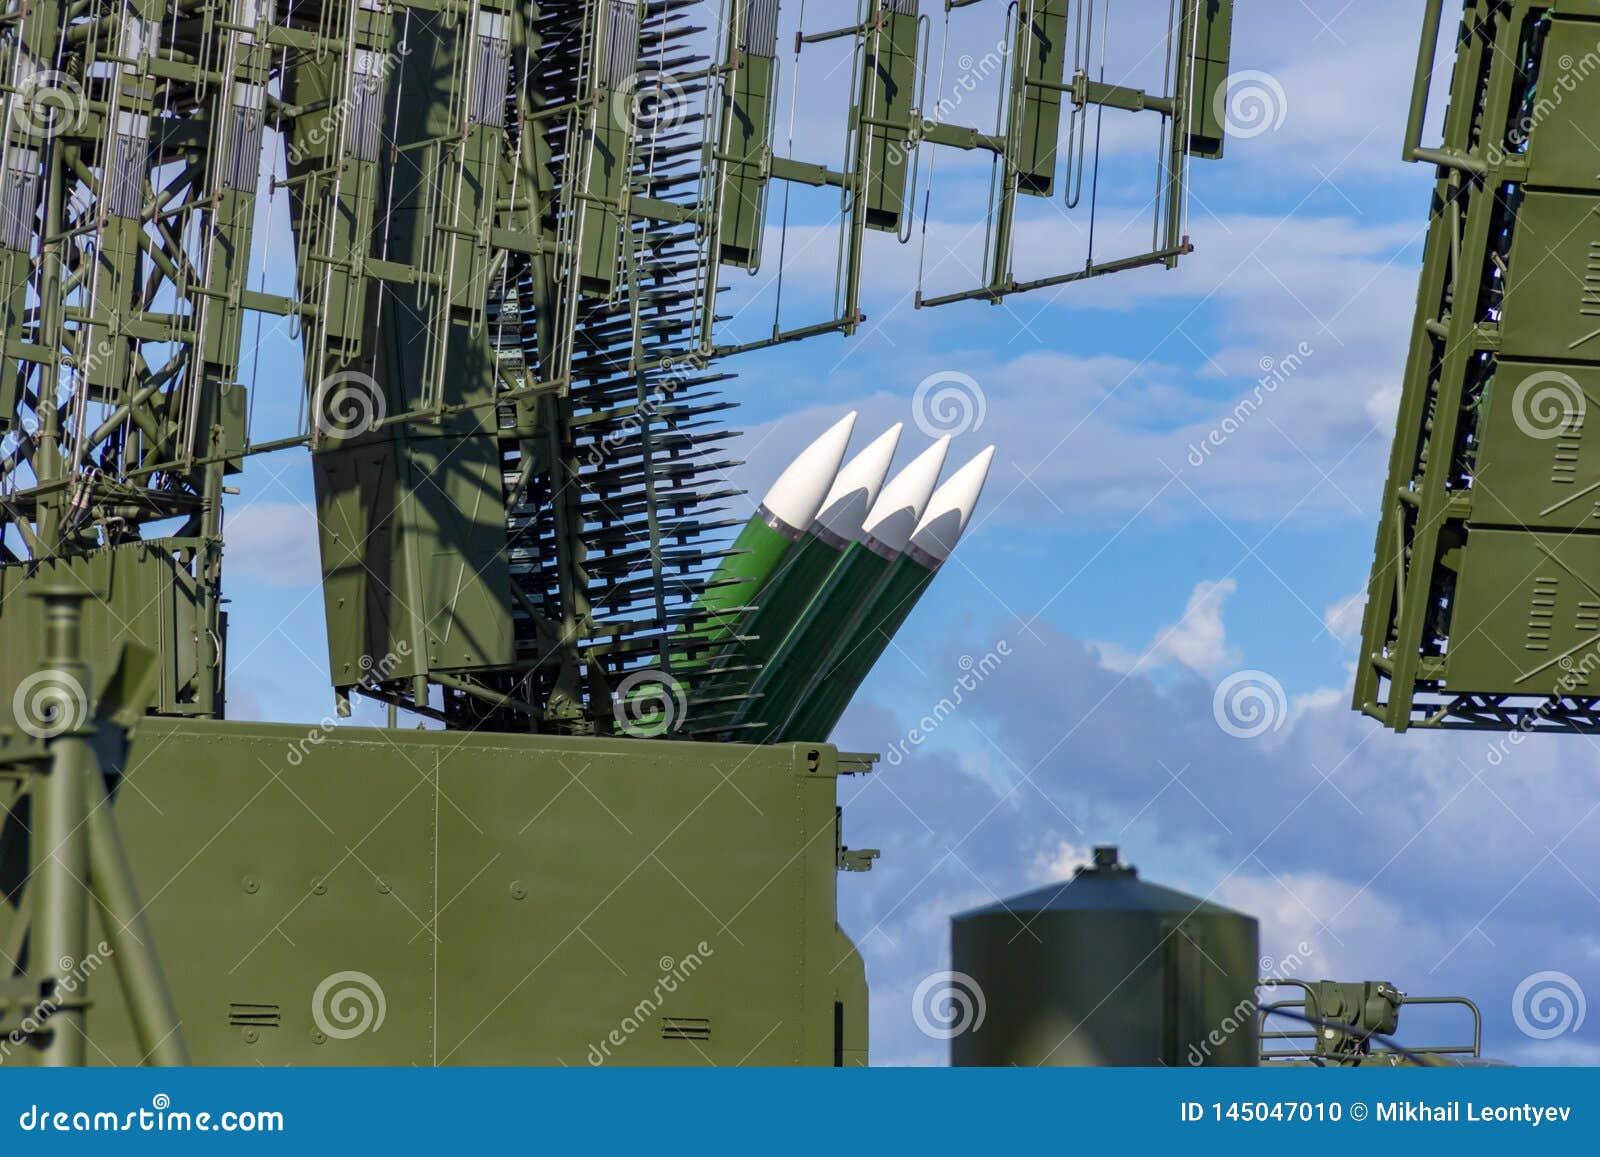 Antena e foguetes da defesa aérea que olham em um céu